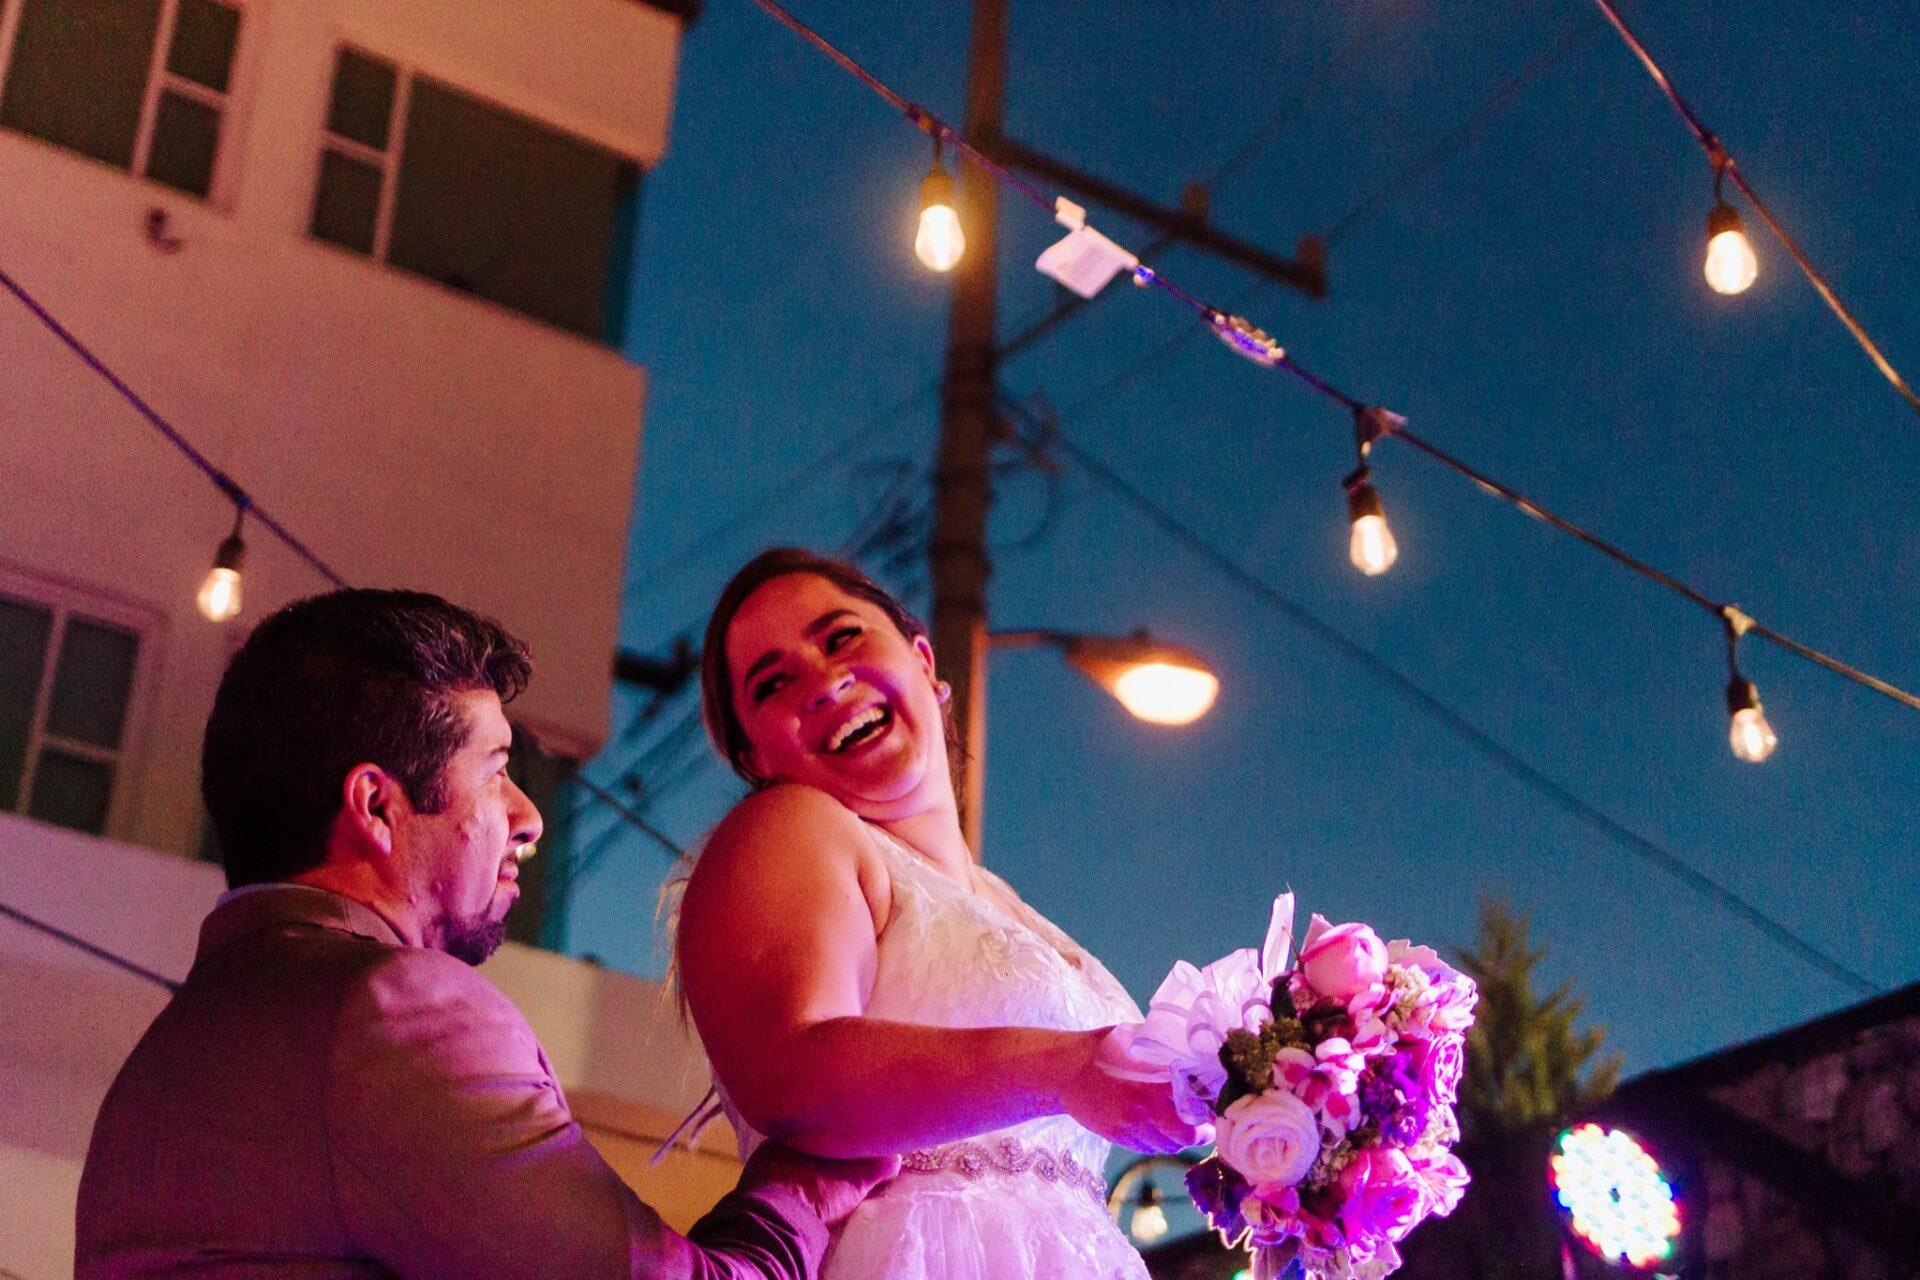 javier_noriega_fotografo_bodas_los_gaviones_zacatecas_wedding_photographer31